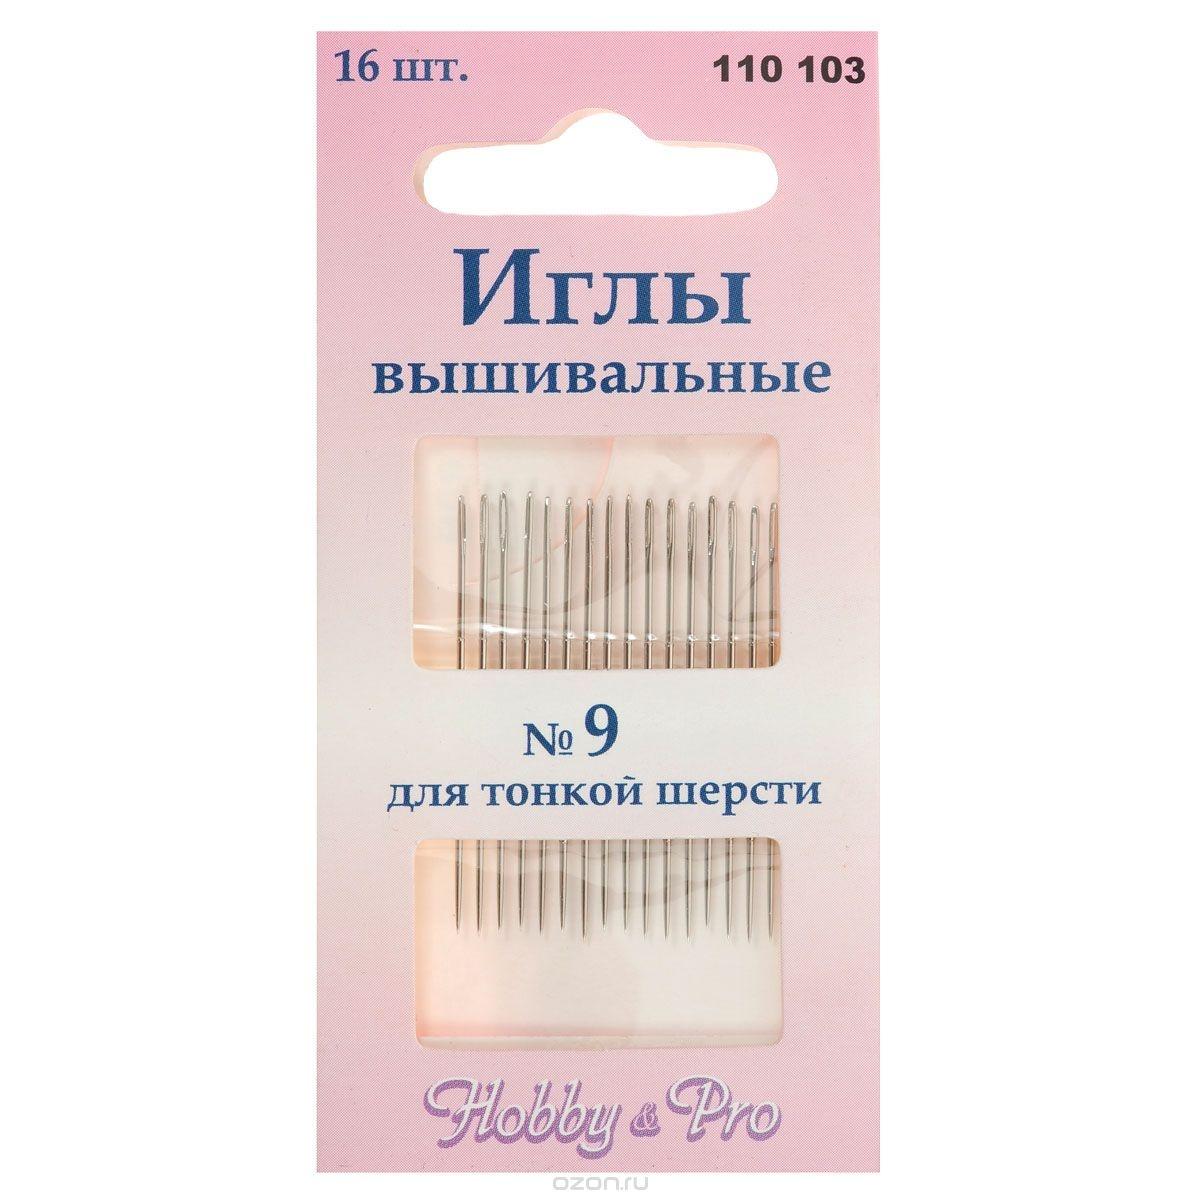 Набор ручных игл Hobby&Pro, для тонкой шерсти, №9, 16 шт